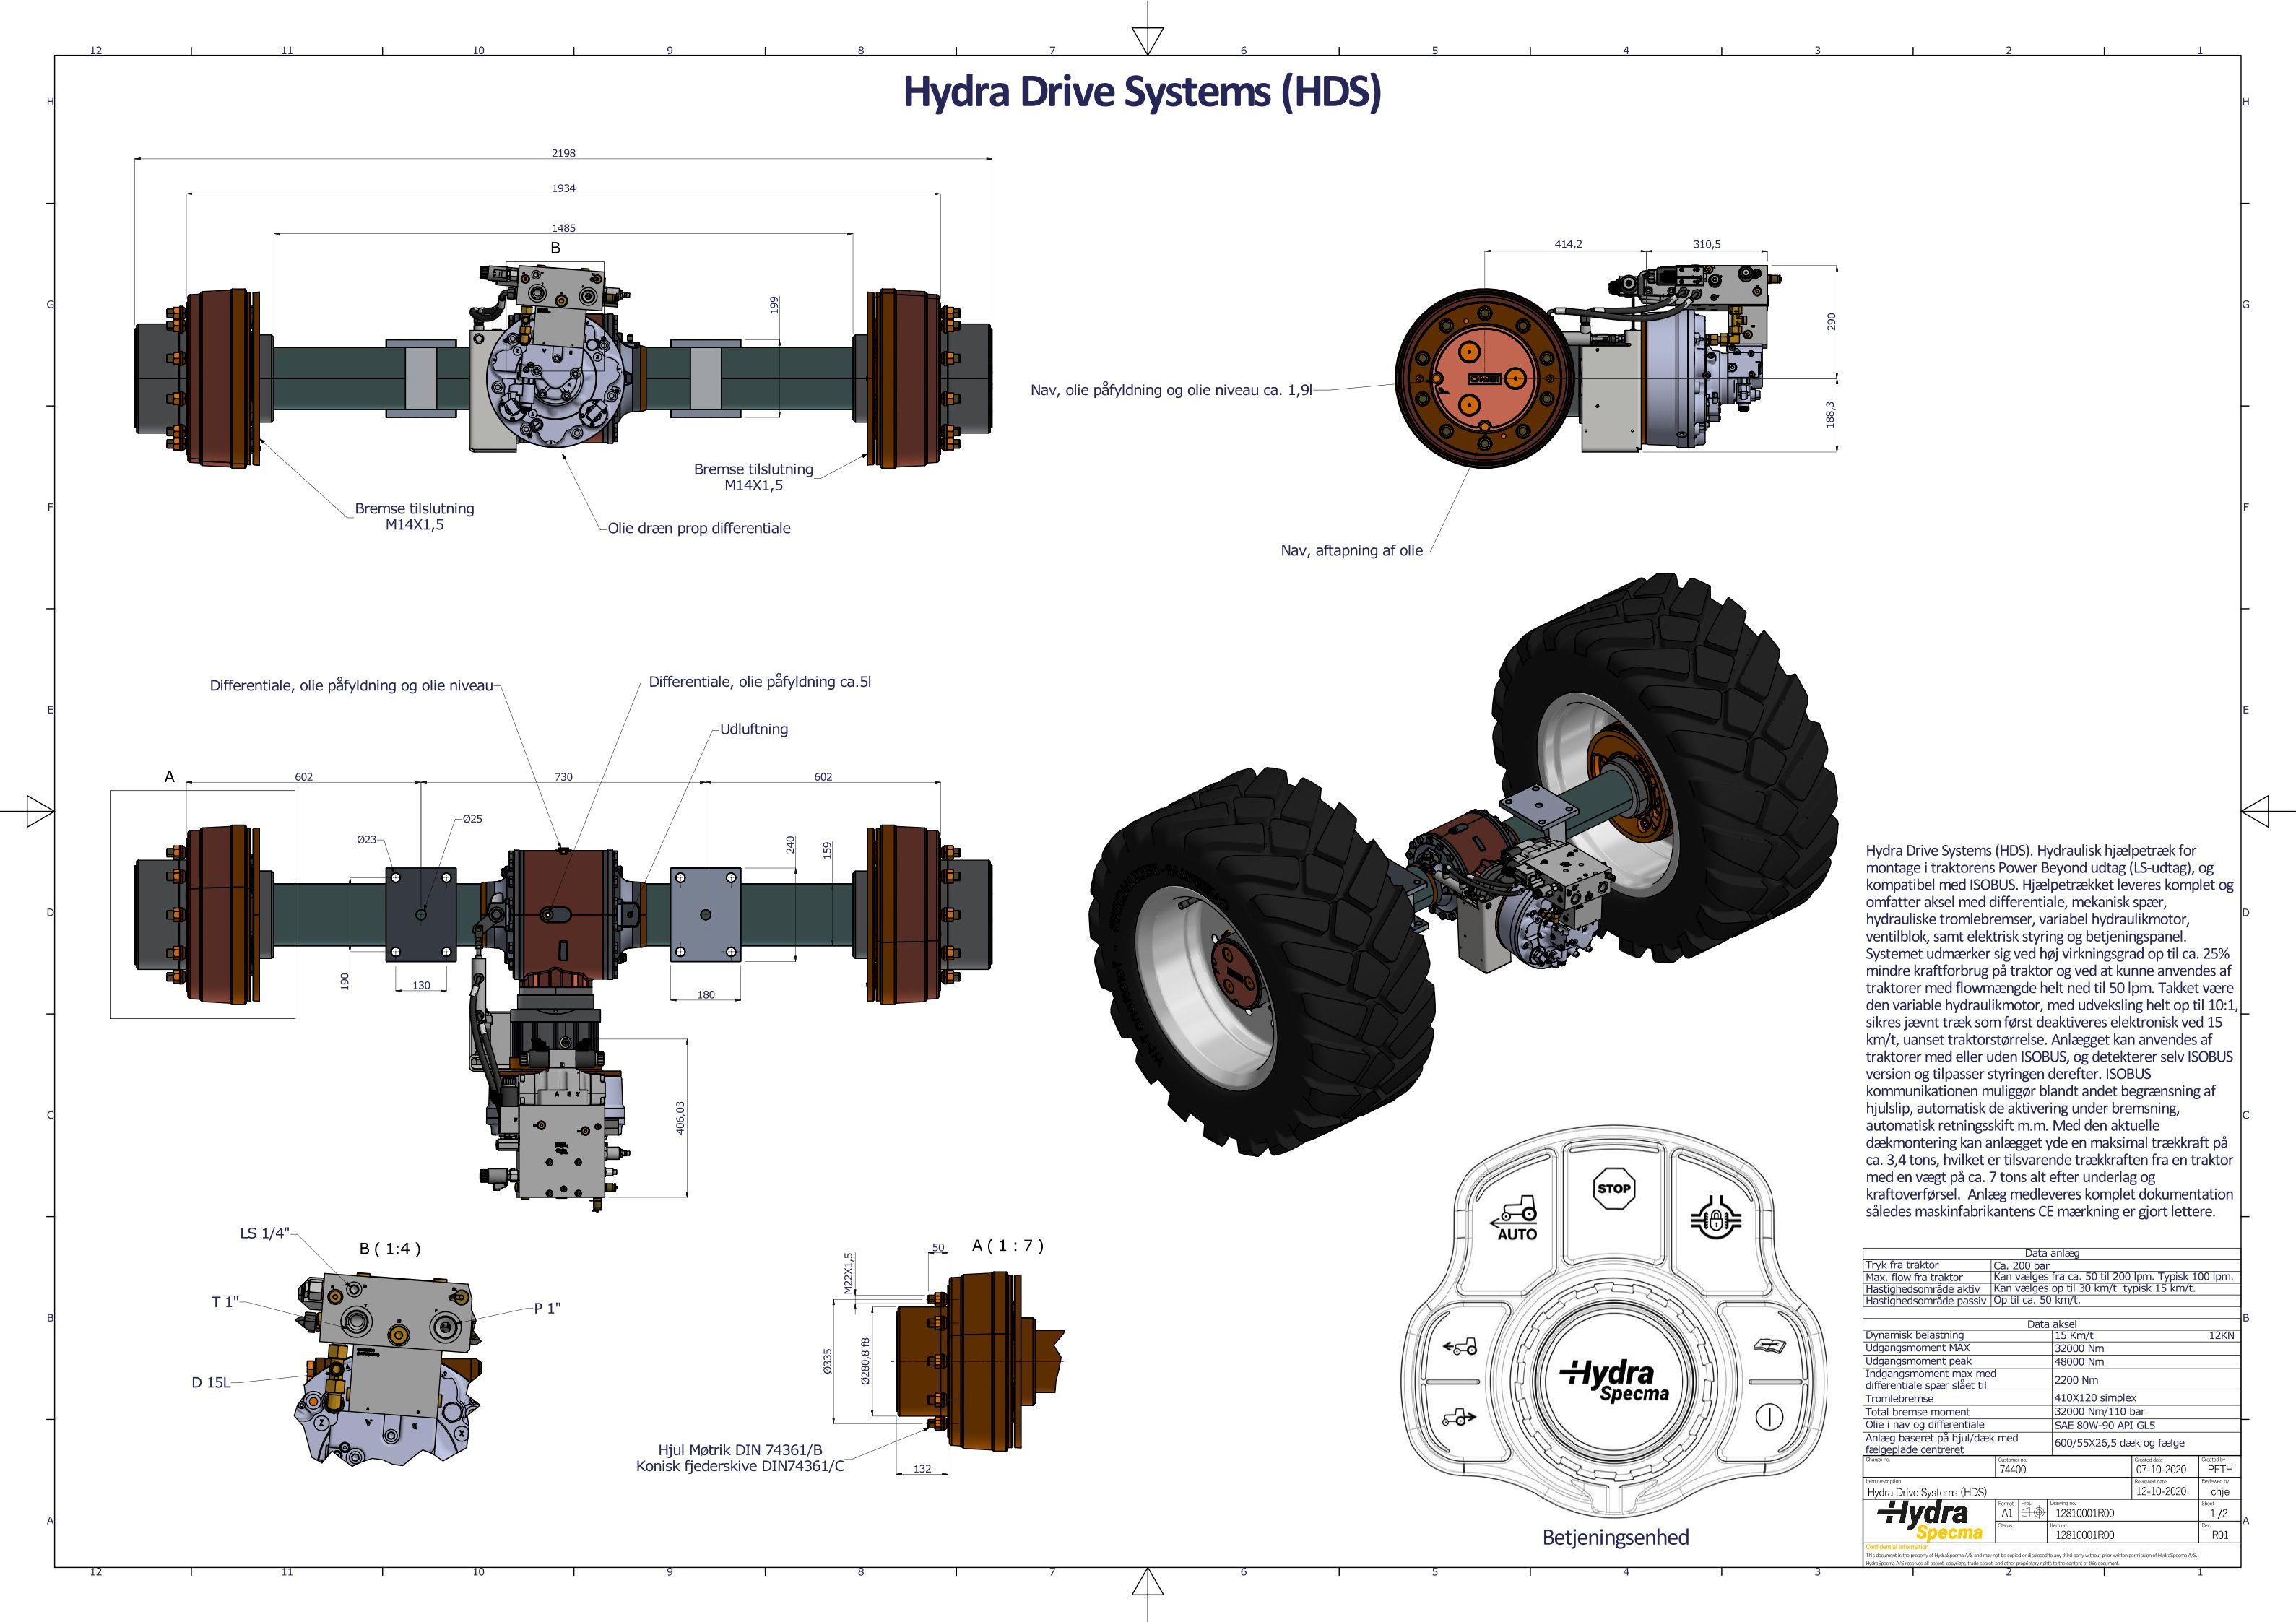 Hydra drive system (HDS) - Komplet hjælpetræk